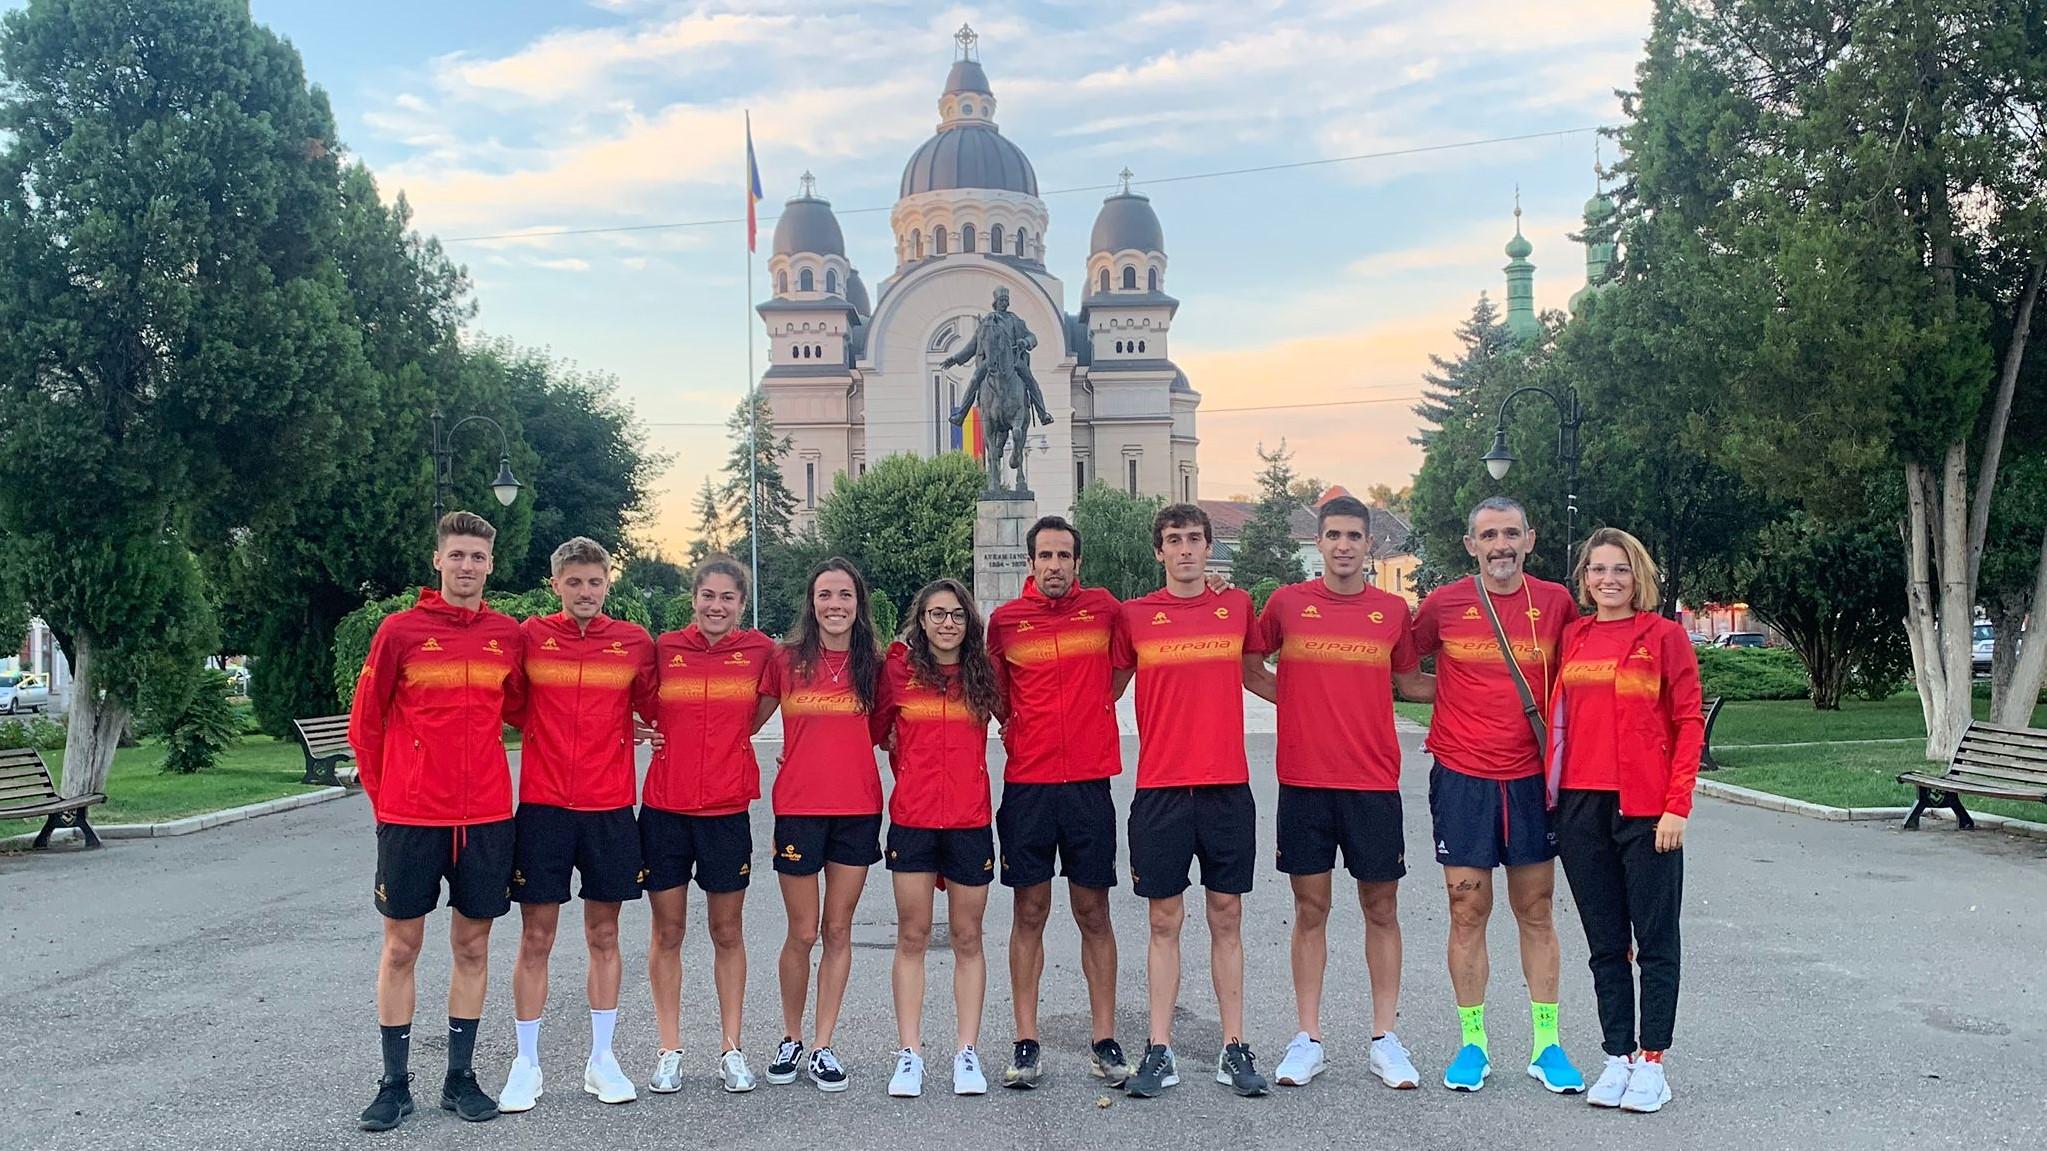 El Campeonato del Europa de Duatlón vuelve a Targu Mures opciones españolas de medallas